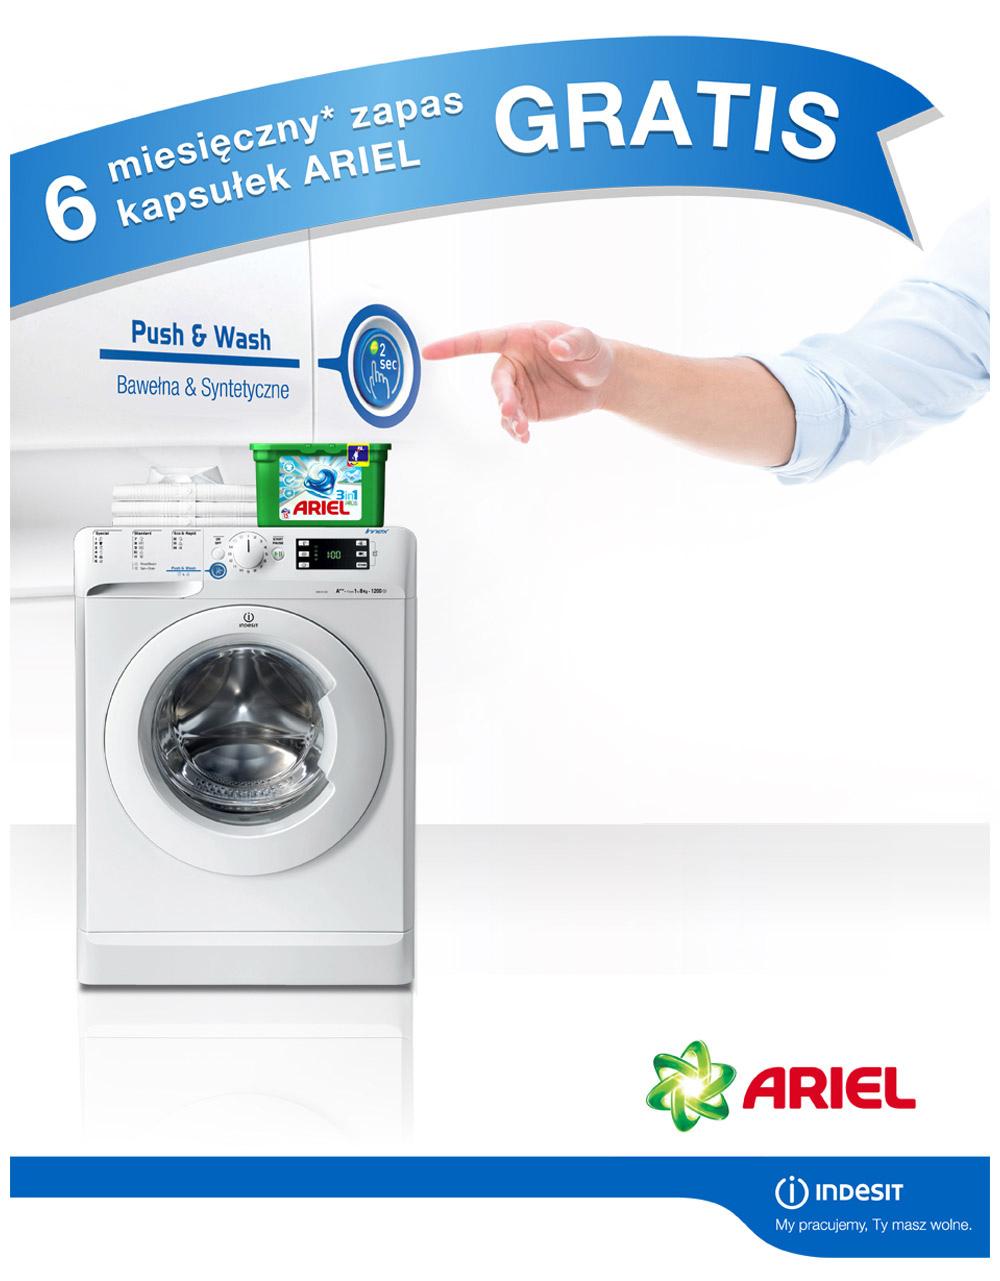 6-miesięczny zapas kapsułek ARIEL przy zakupie pralki Indesit @ Avans